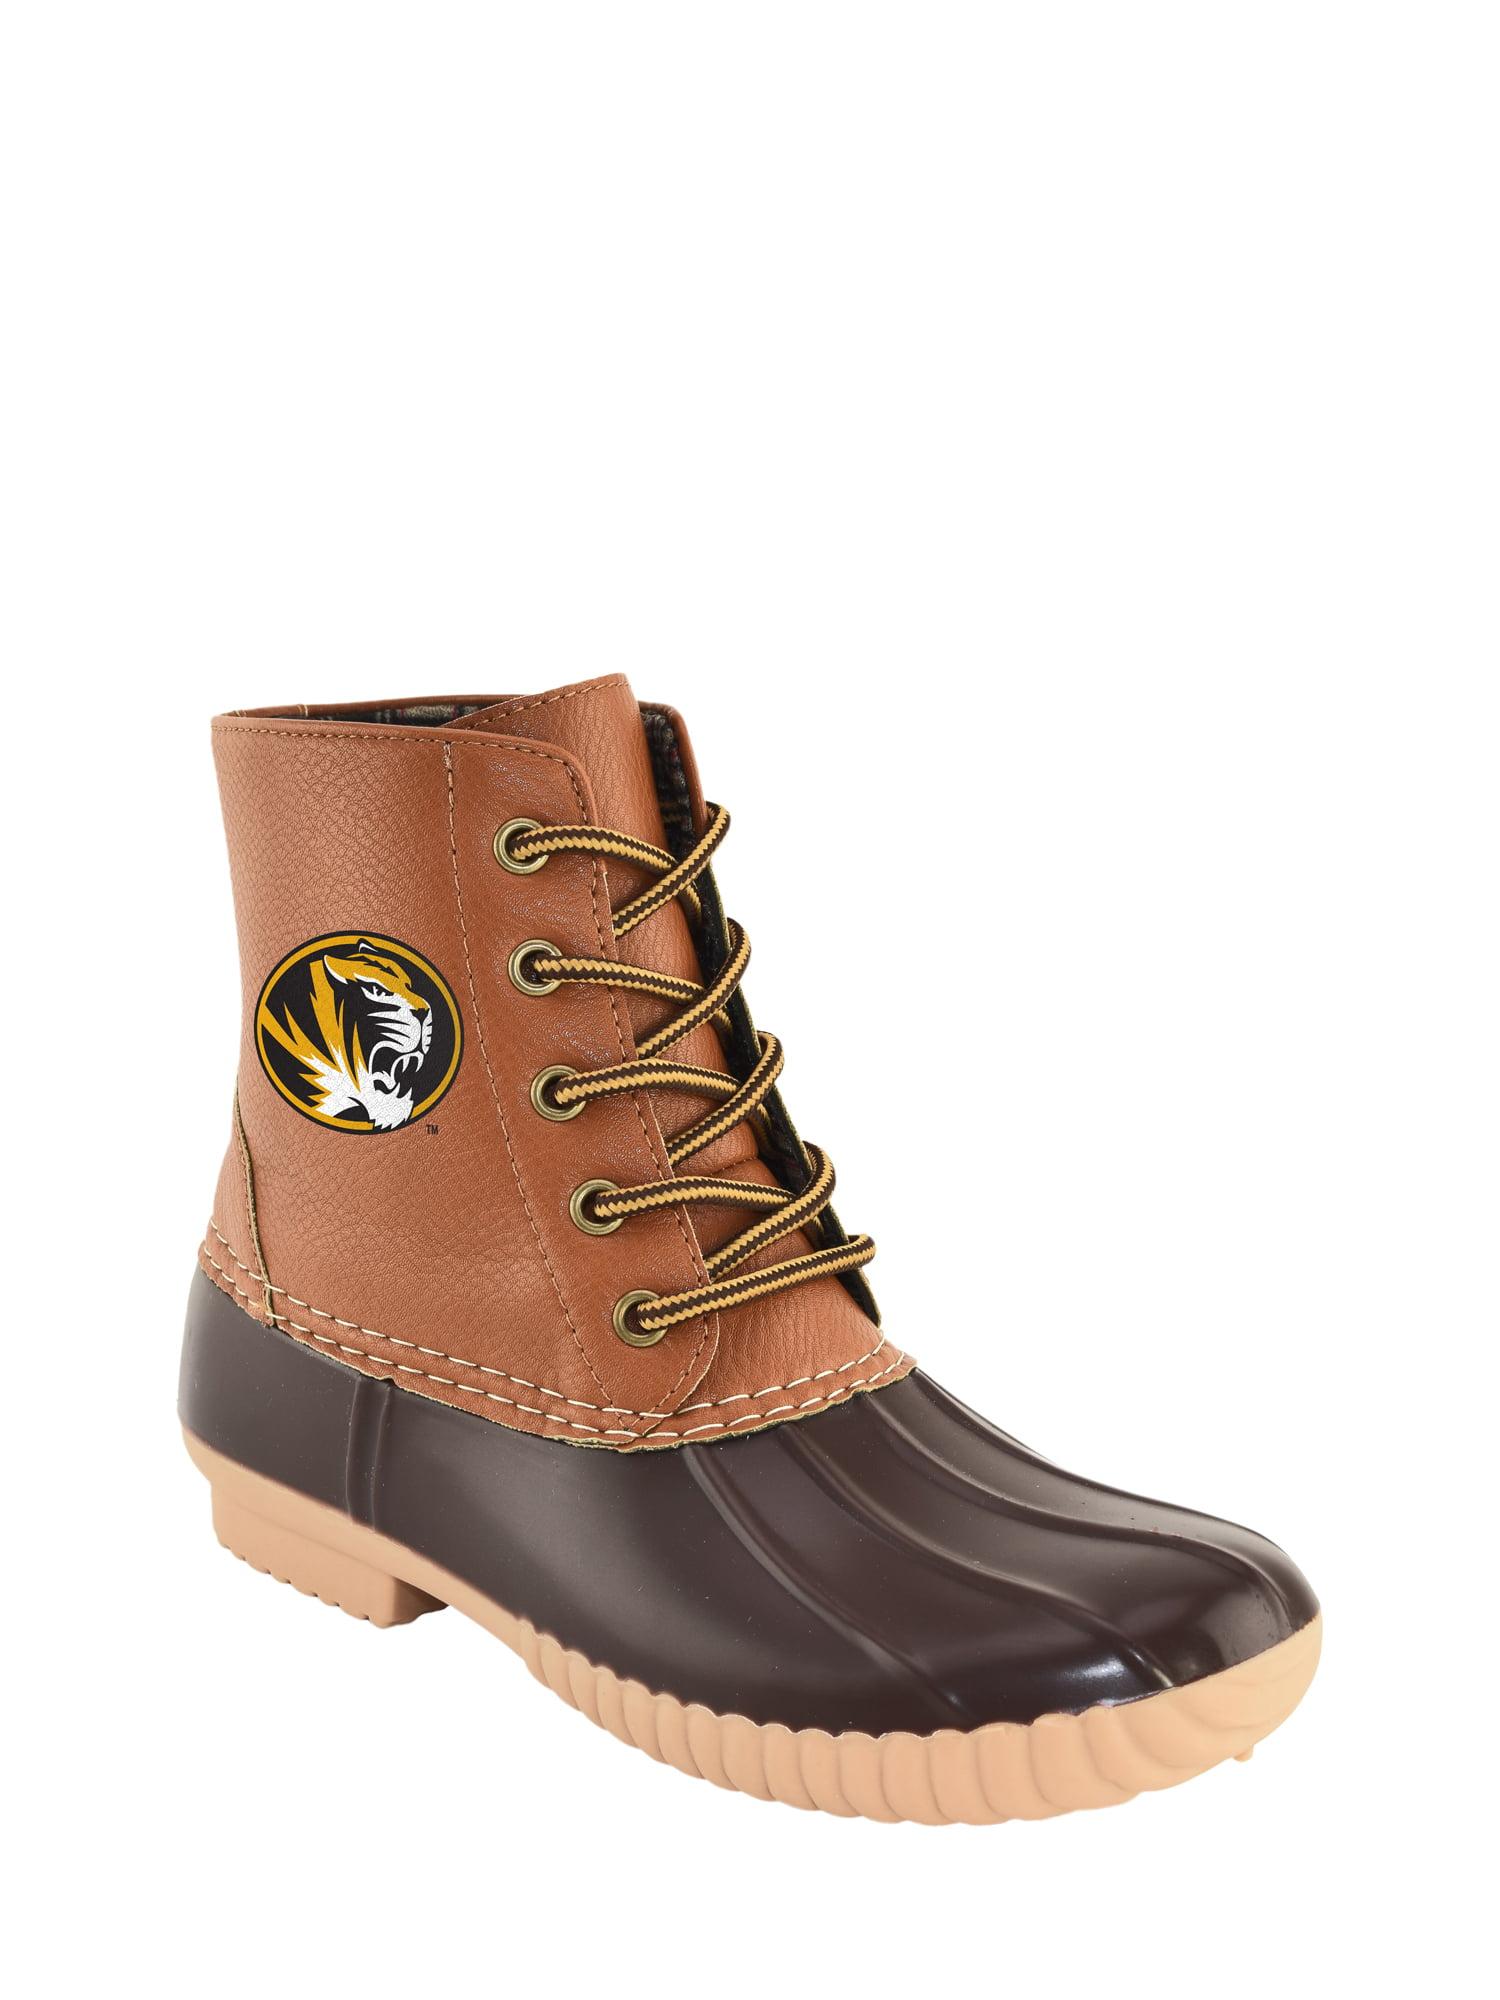 NCAA Women's Missouri -High Duck Boot by Jordache LTD